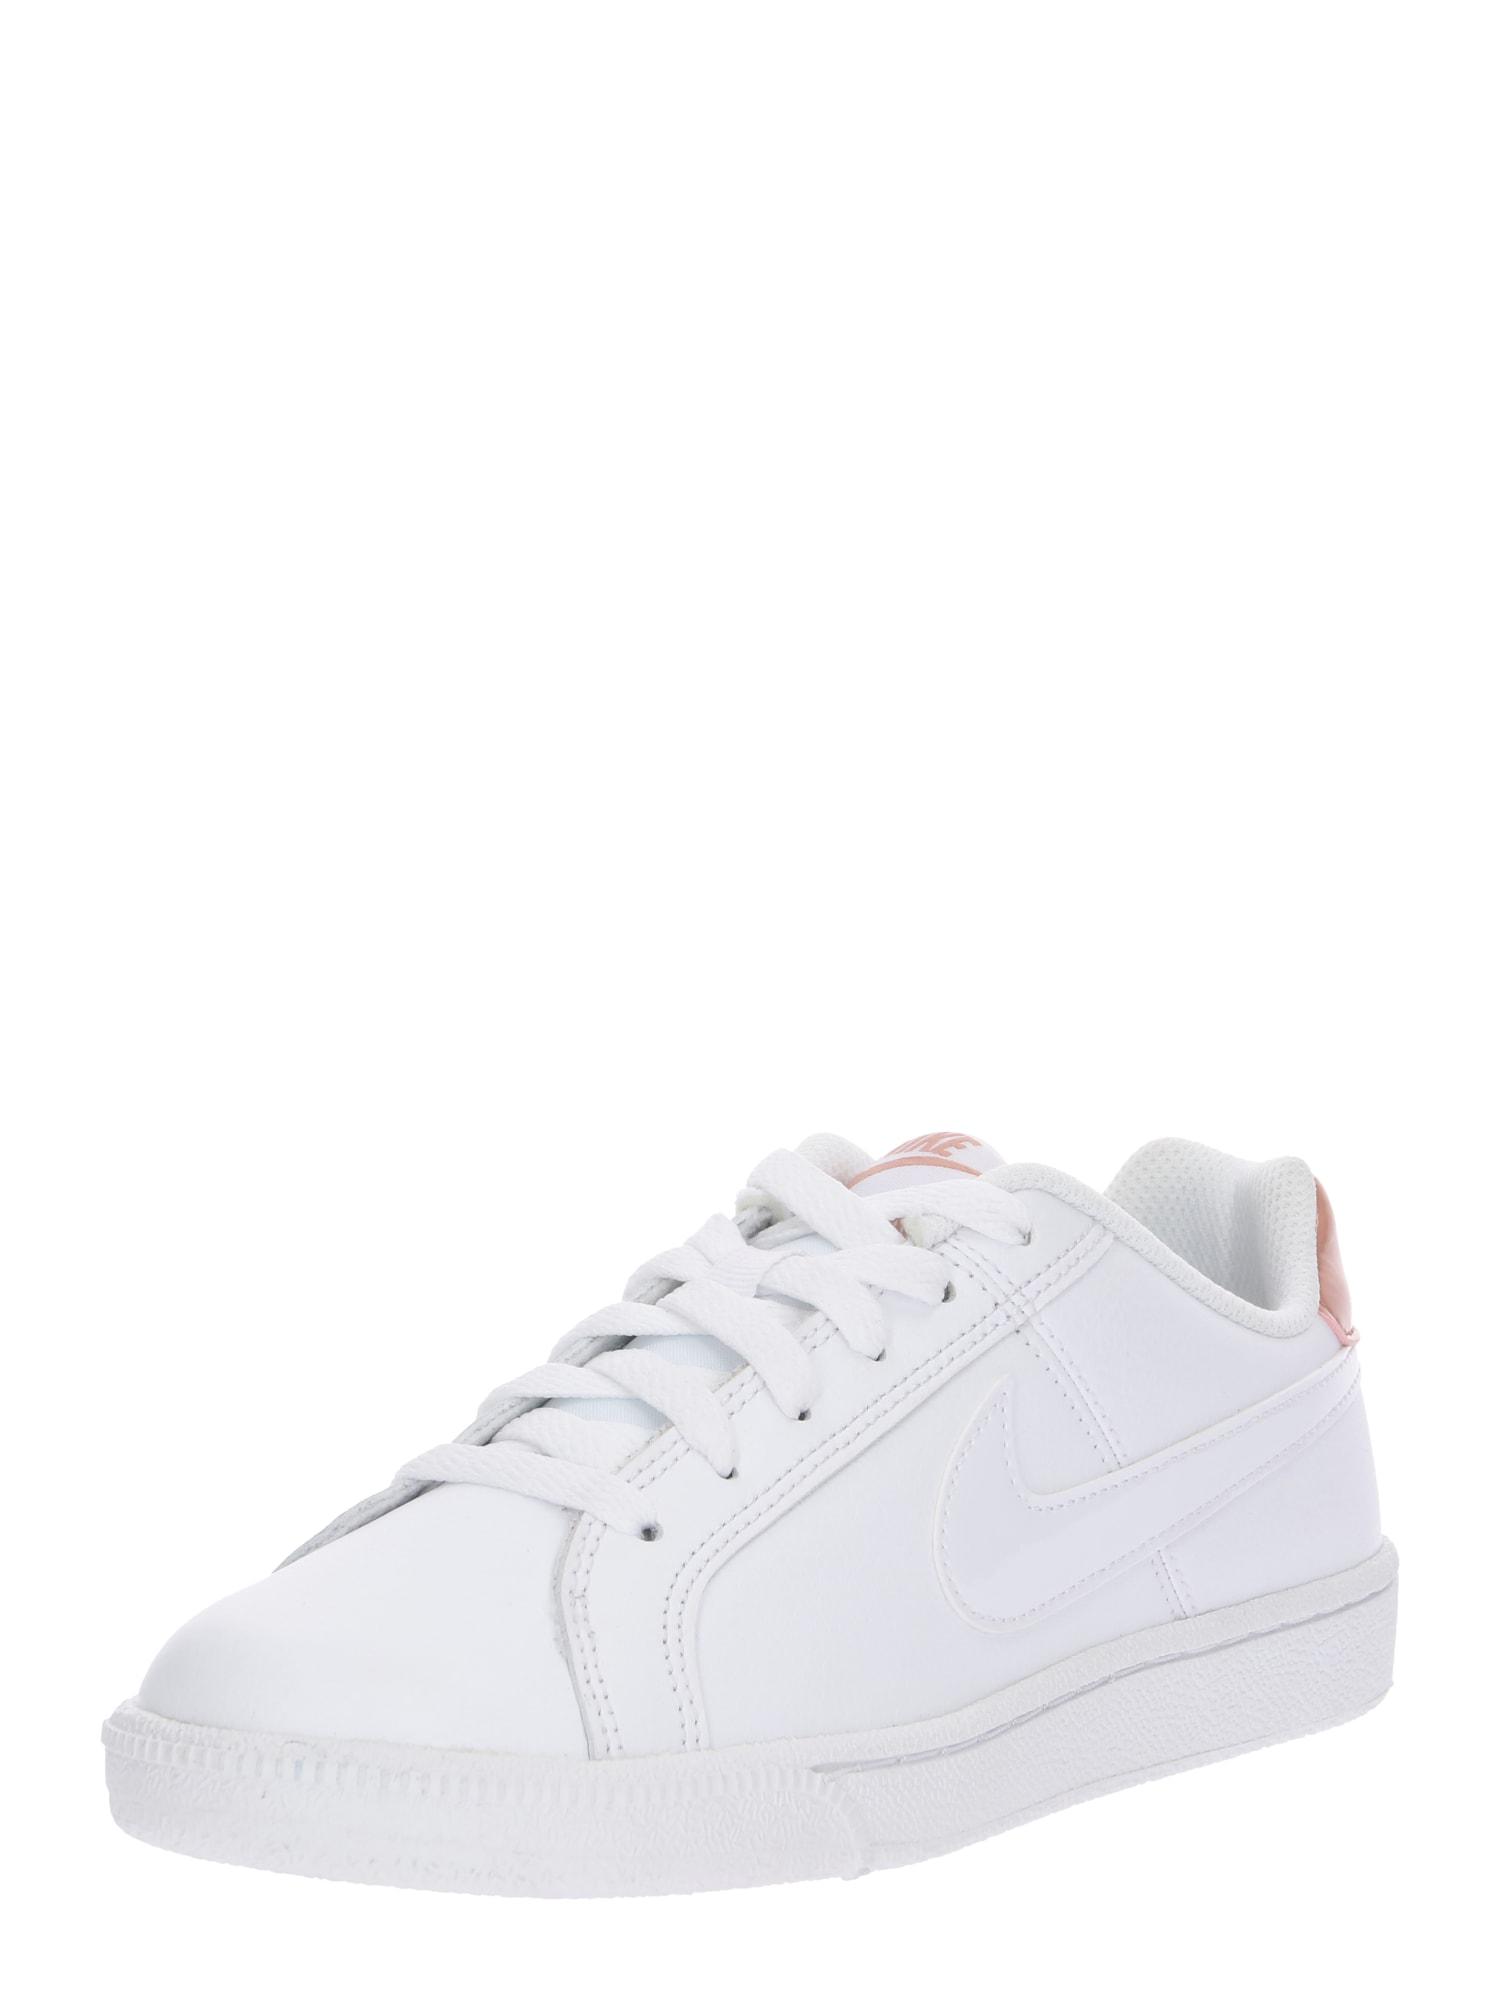 Nike Sportswear, Dames Sneakers laag 'Court Royale', rosé / wit